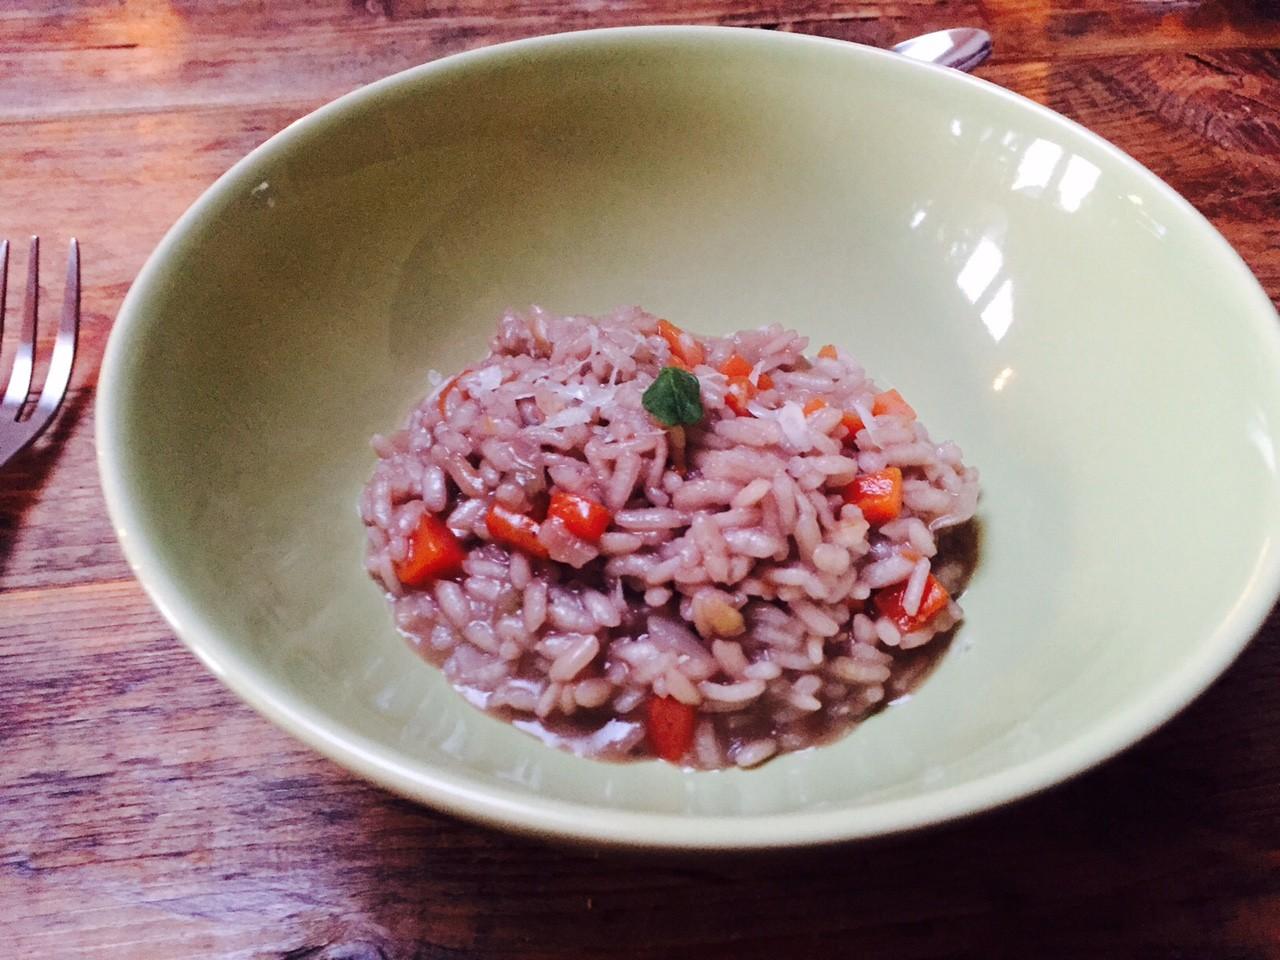 Rode wijn risotto met frisse groente recept van foodblog Foodinista